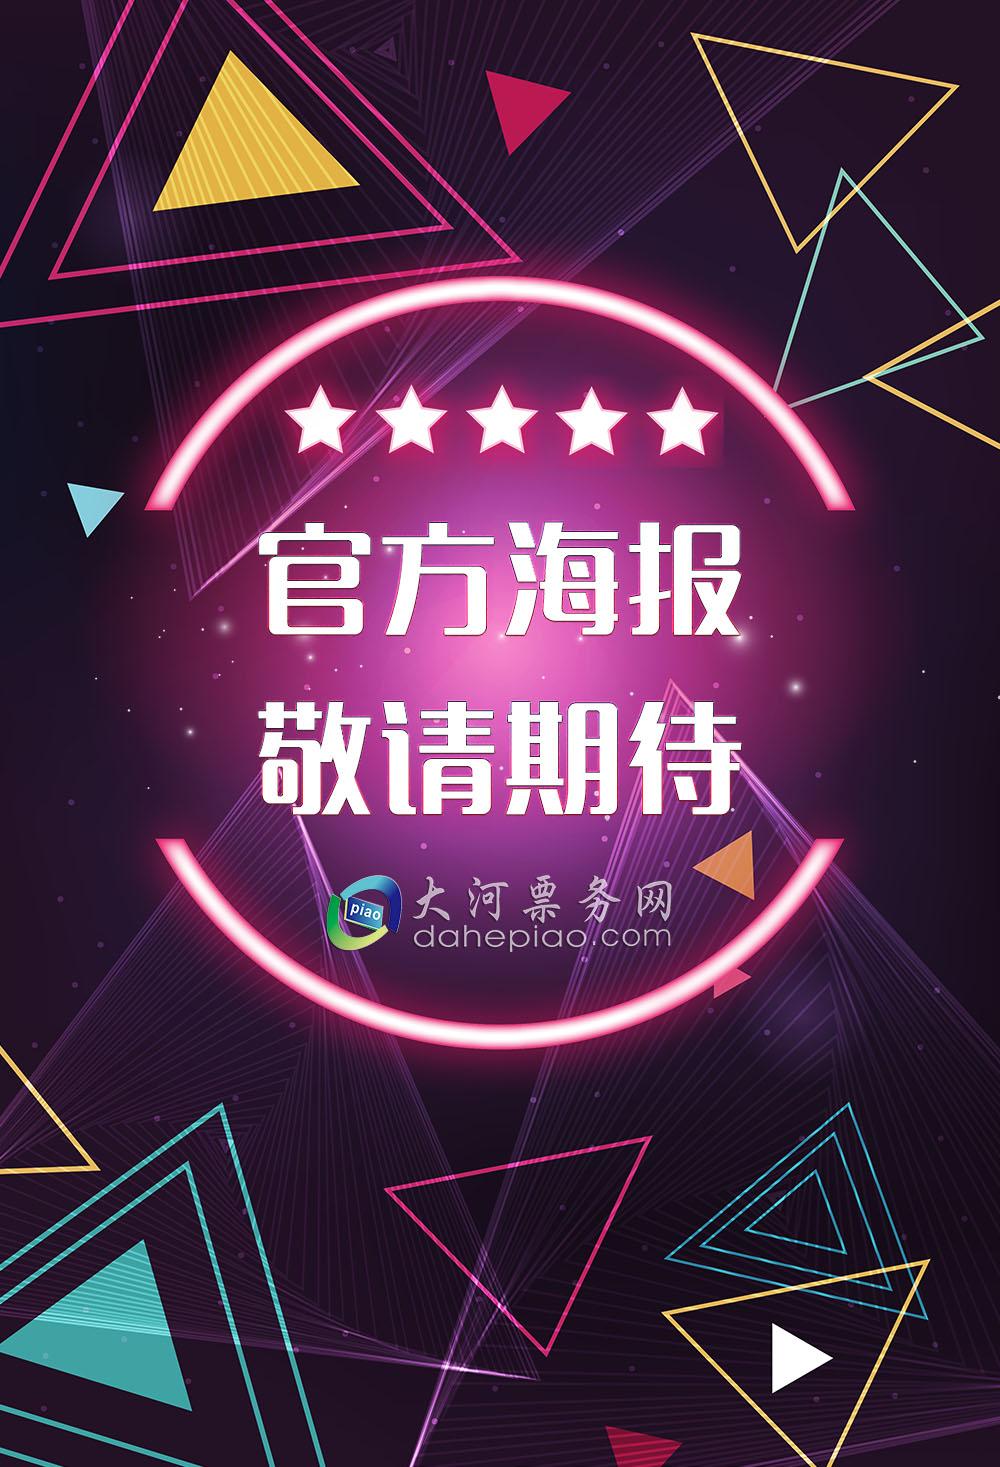 2020小虎队郑州演唱会